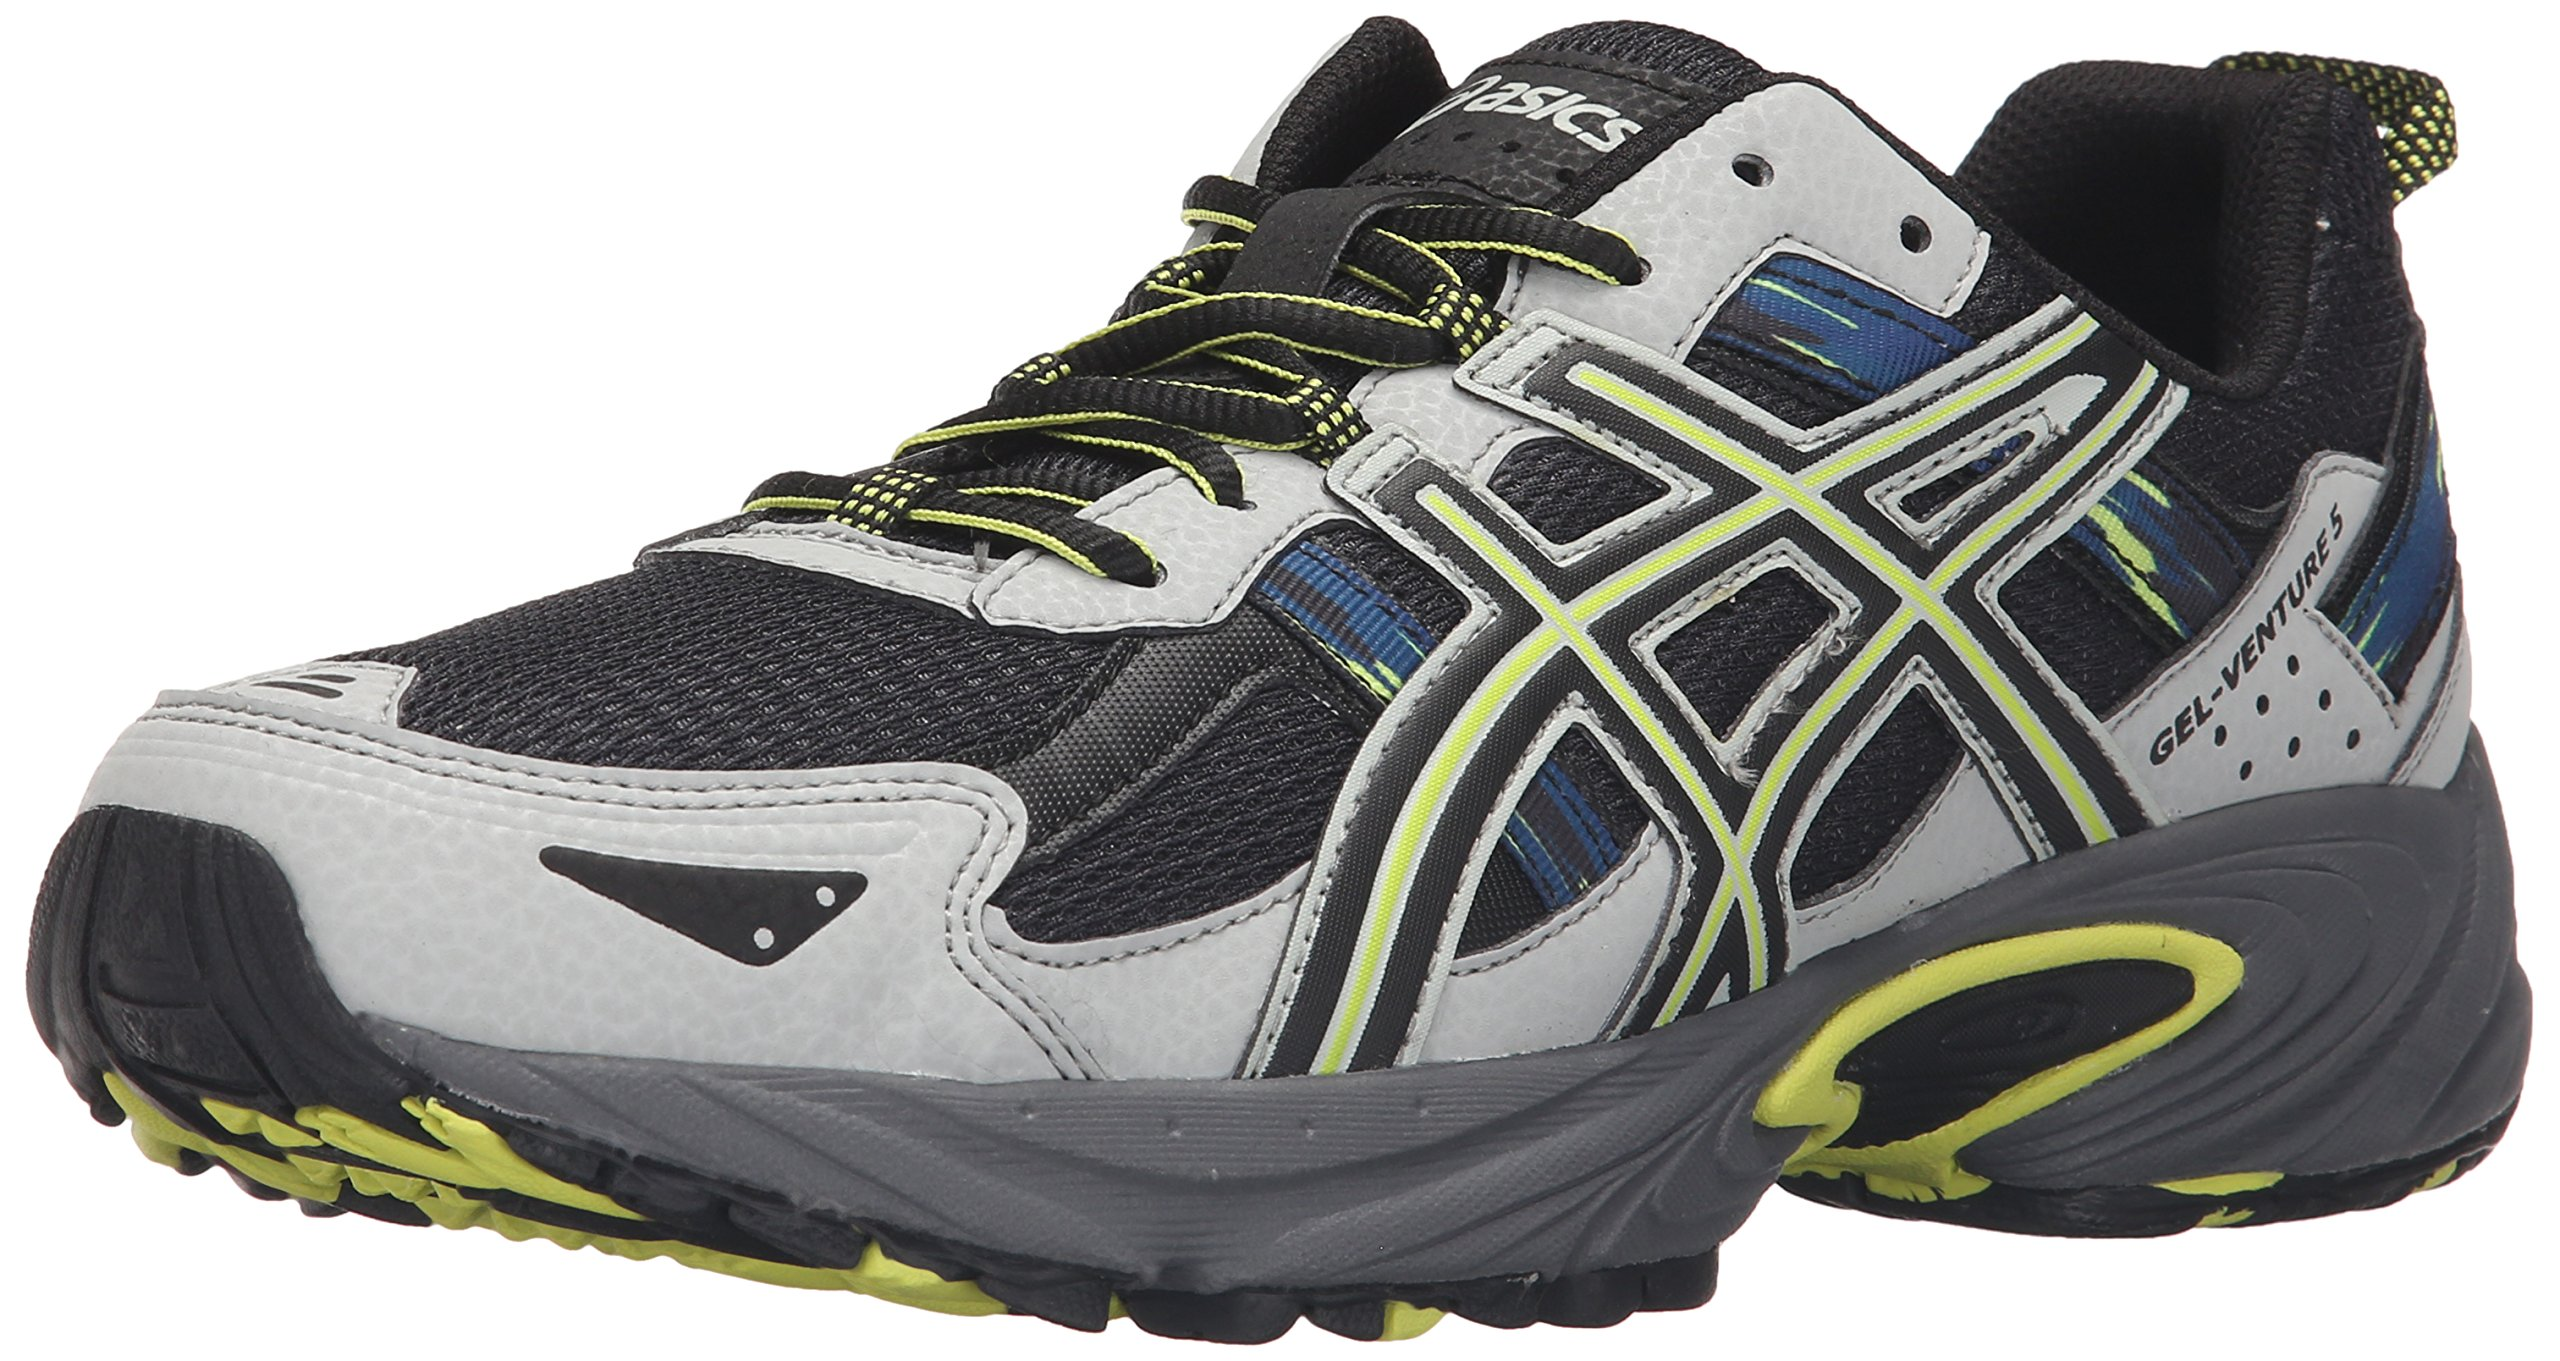 ASICS Men's Gel-Venture 5 Trail Runner, Dark Steel/Black/Neon Lime, 8 M US